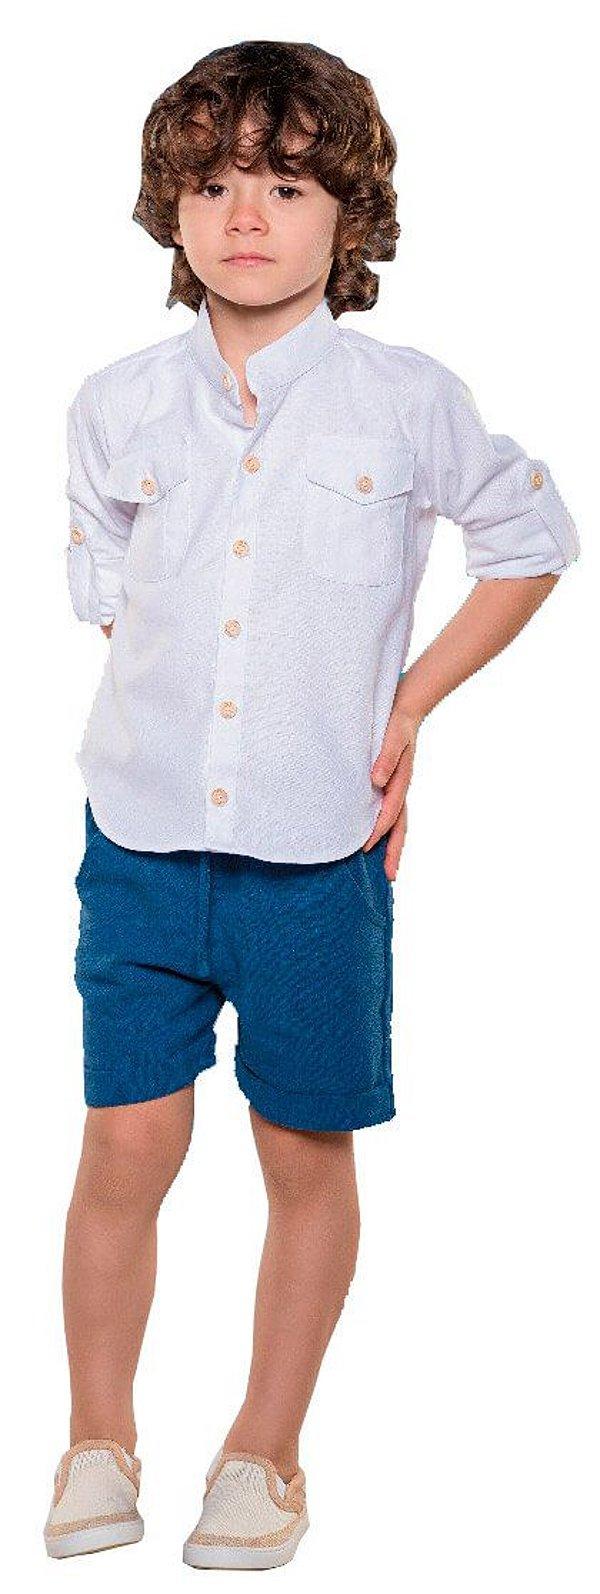 Bata Infantil Menino Que te encanteLinho e algodão branca